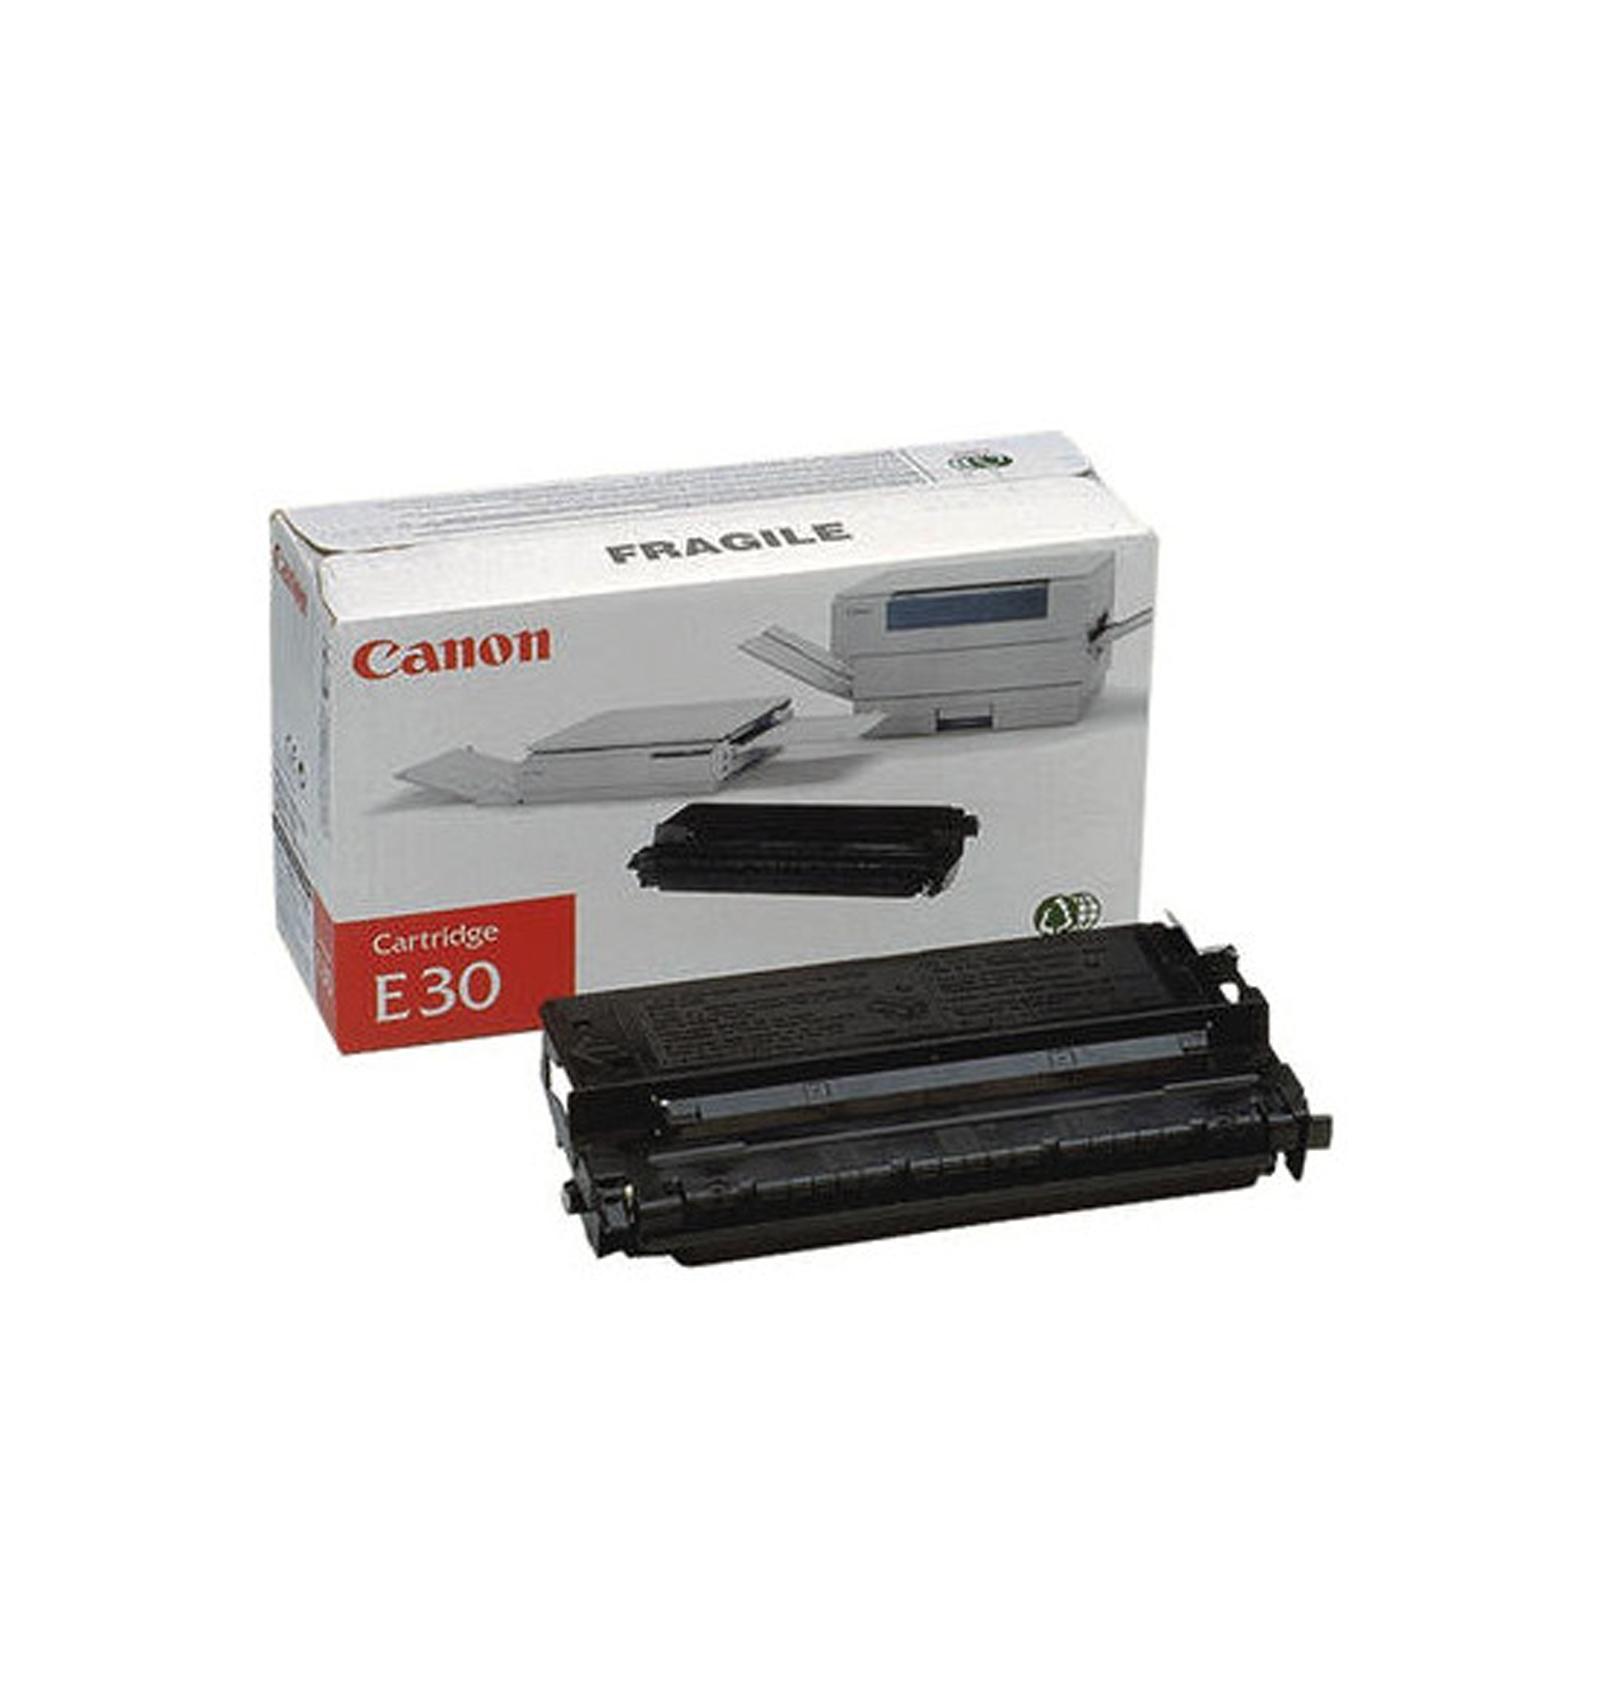 Заправка тонером картриджа Canon E-30 для FC-2xx/3xx/530/108/208; PC-7xx; PC-8xx